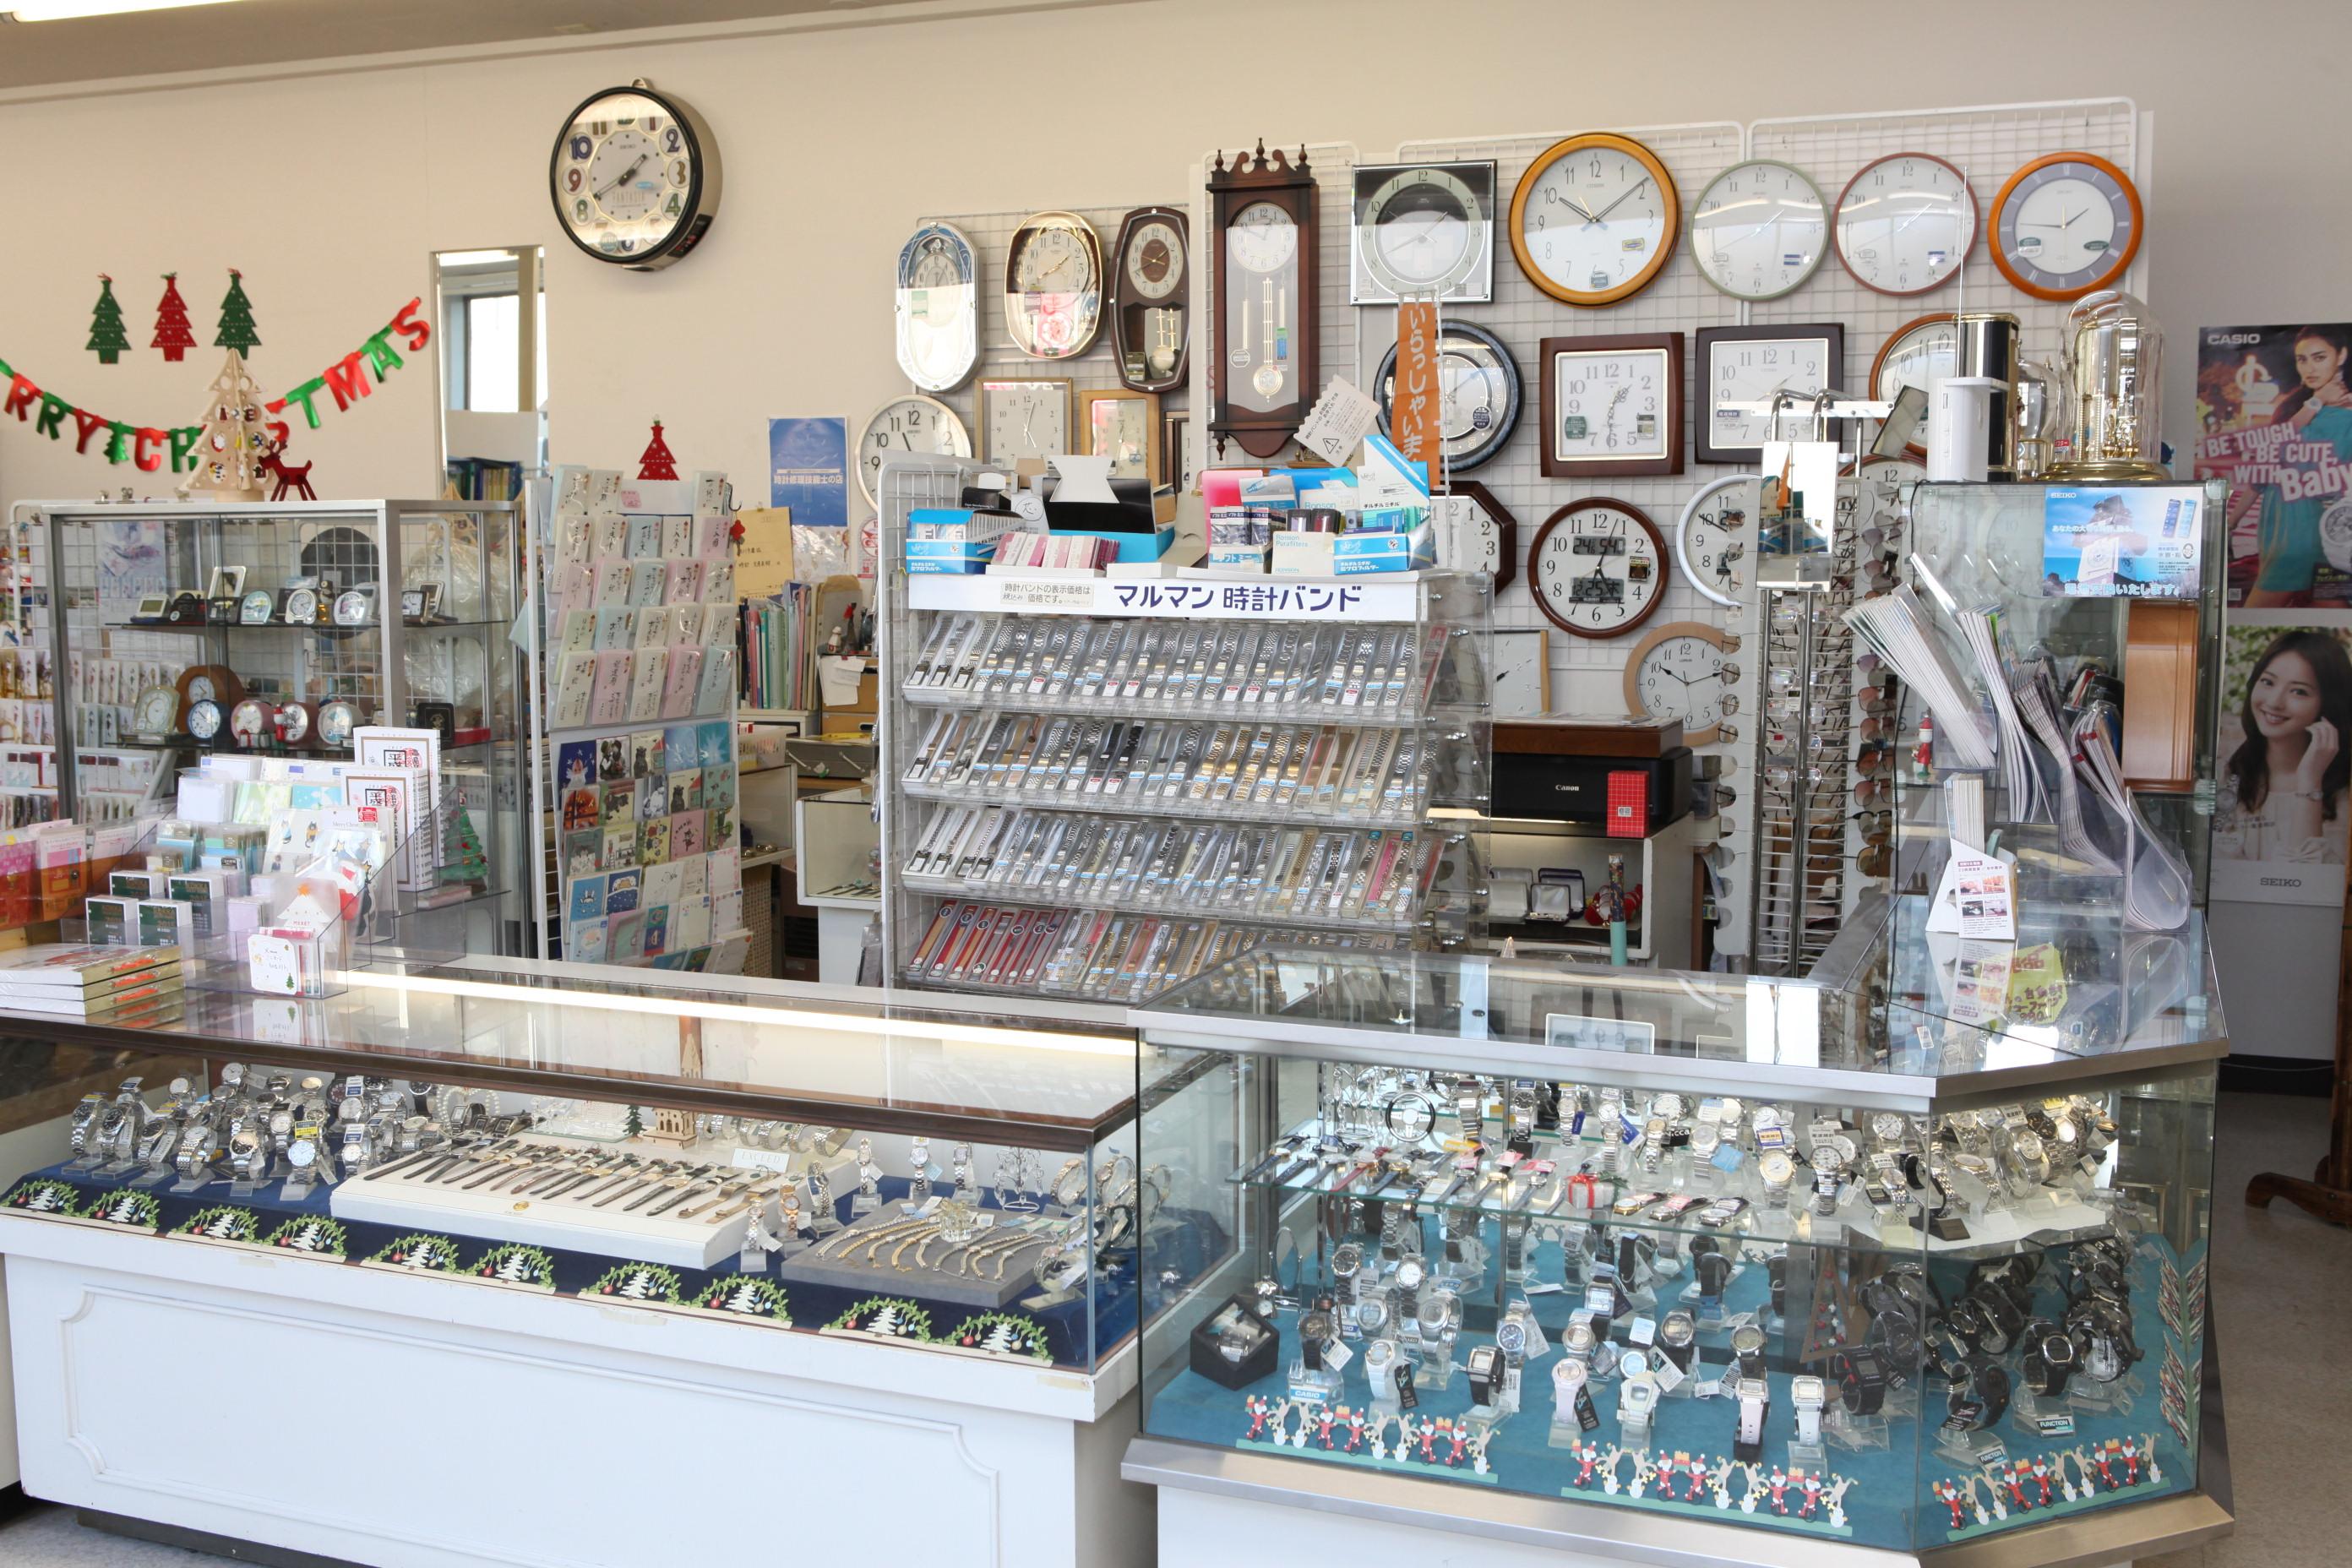 時計全般、販売、修理、文房具、雑誌を扱うお店です。